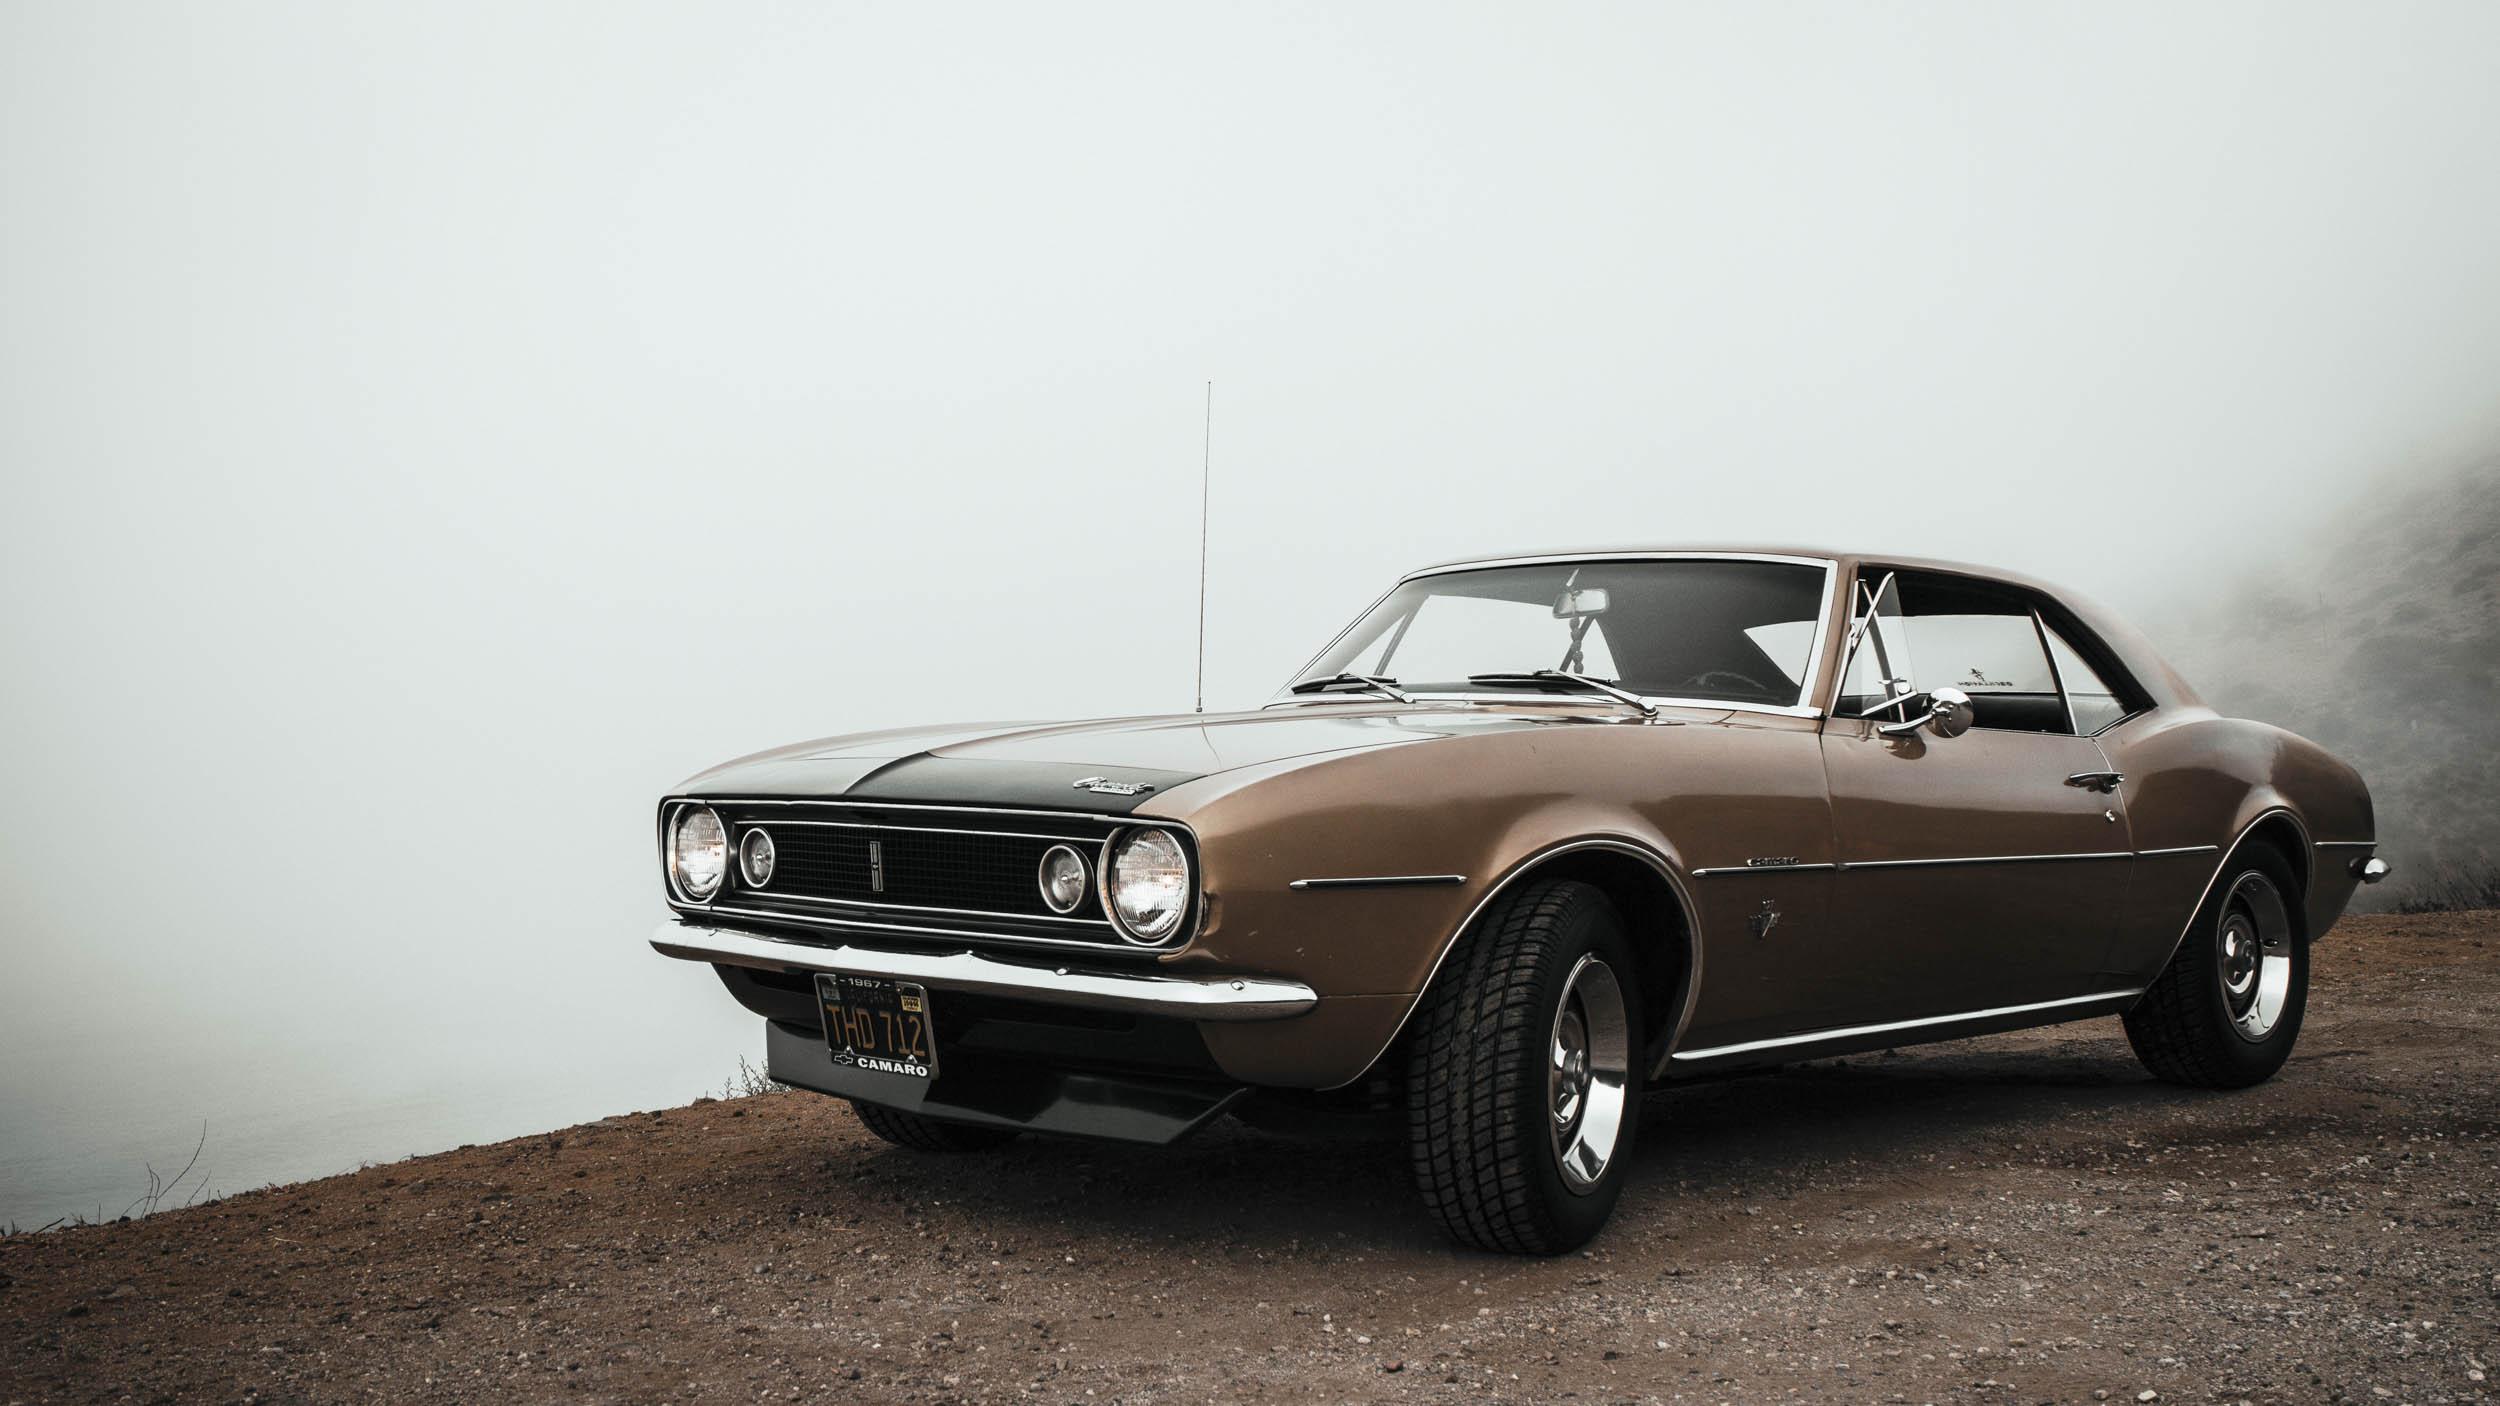 1967 Chevrolet Camaro in the fog